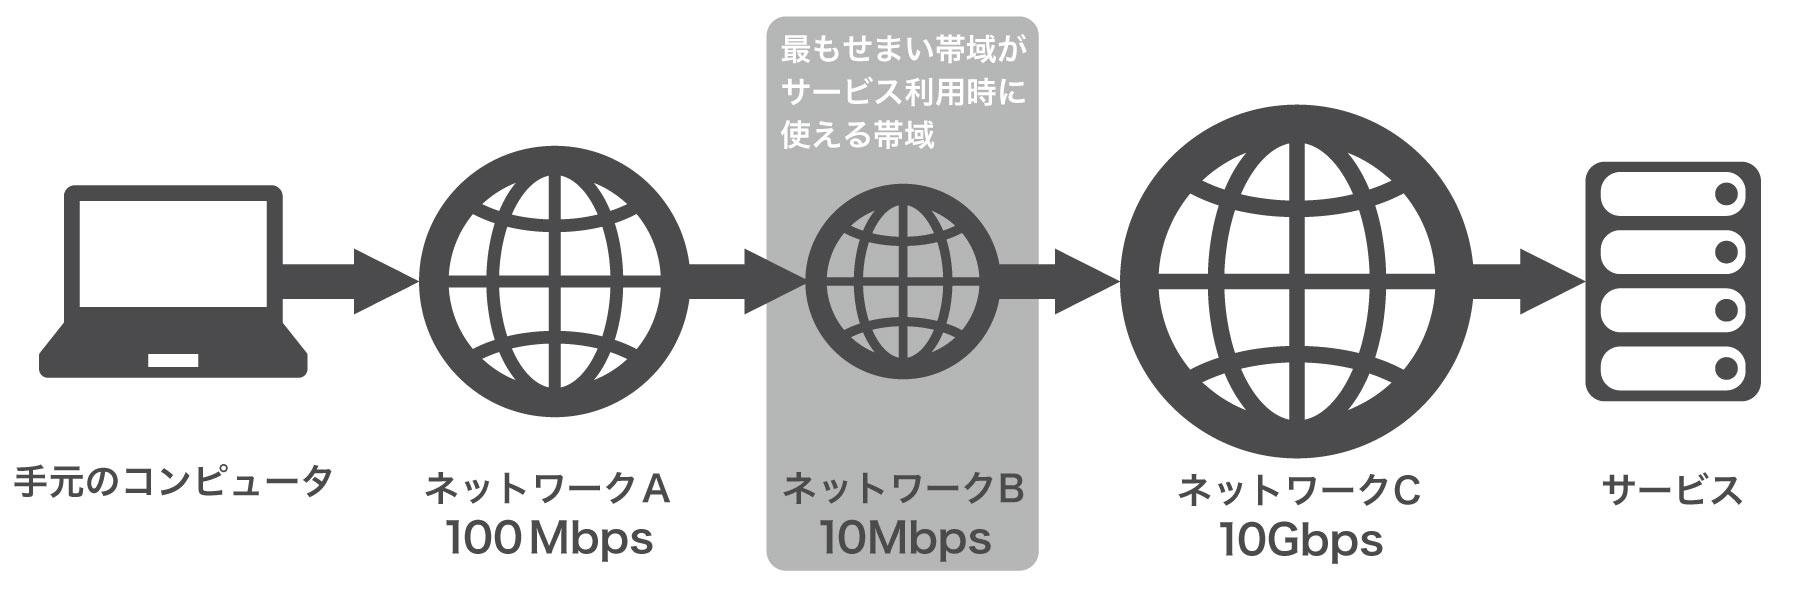 帯域ネットワークの概念図